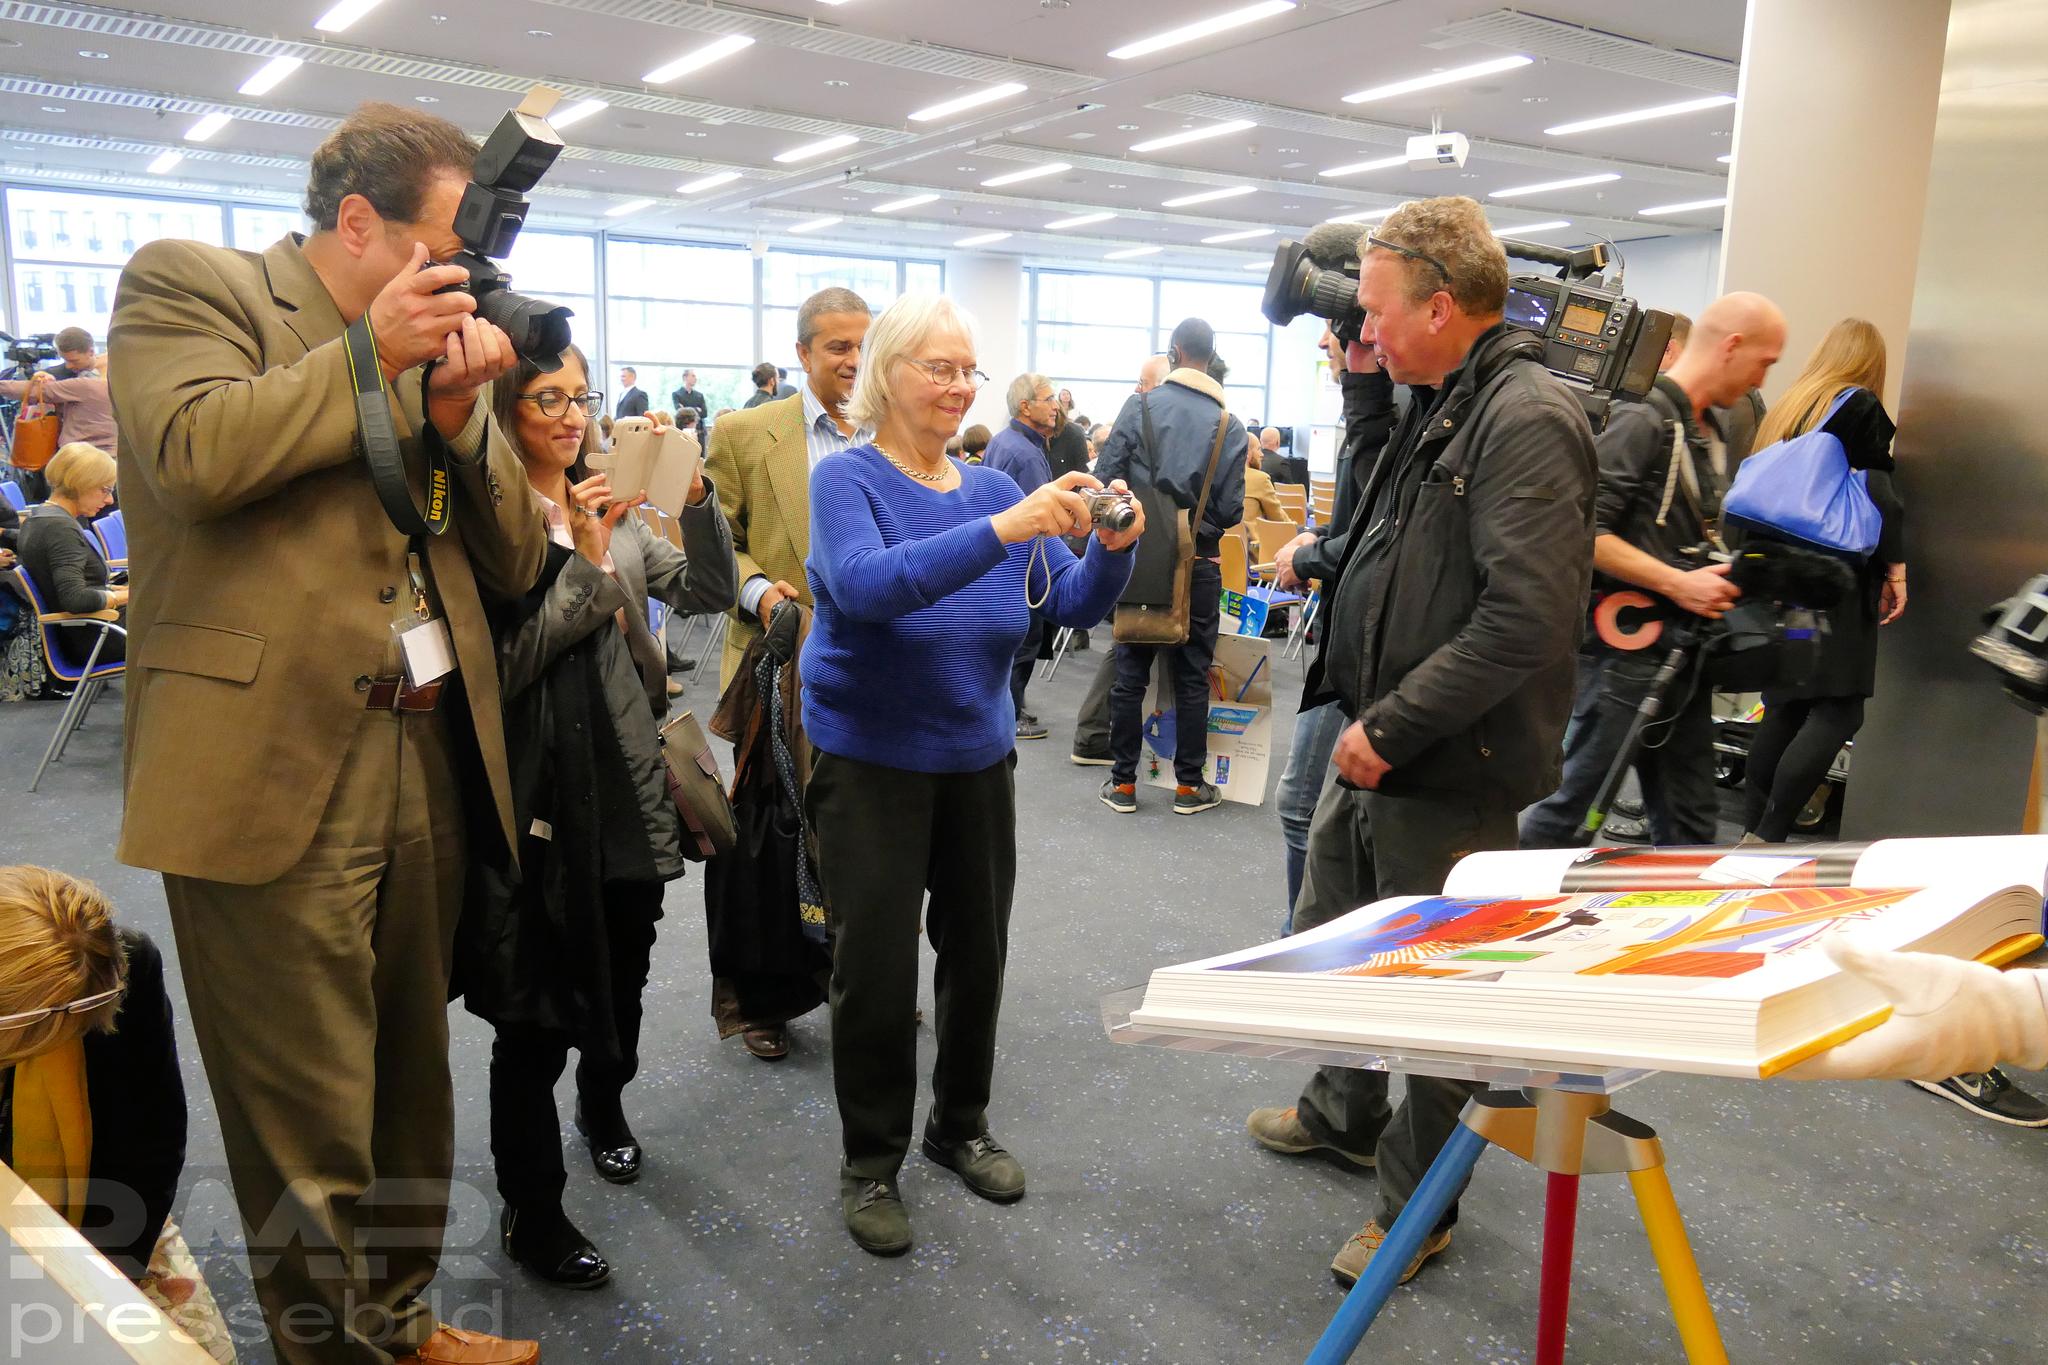 Medieninteresse © FFM PHOTO / Klaus Leitzbach